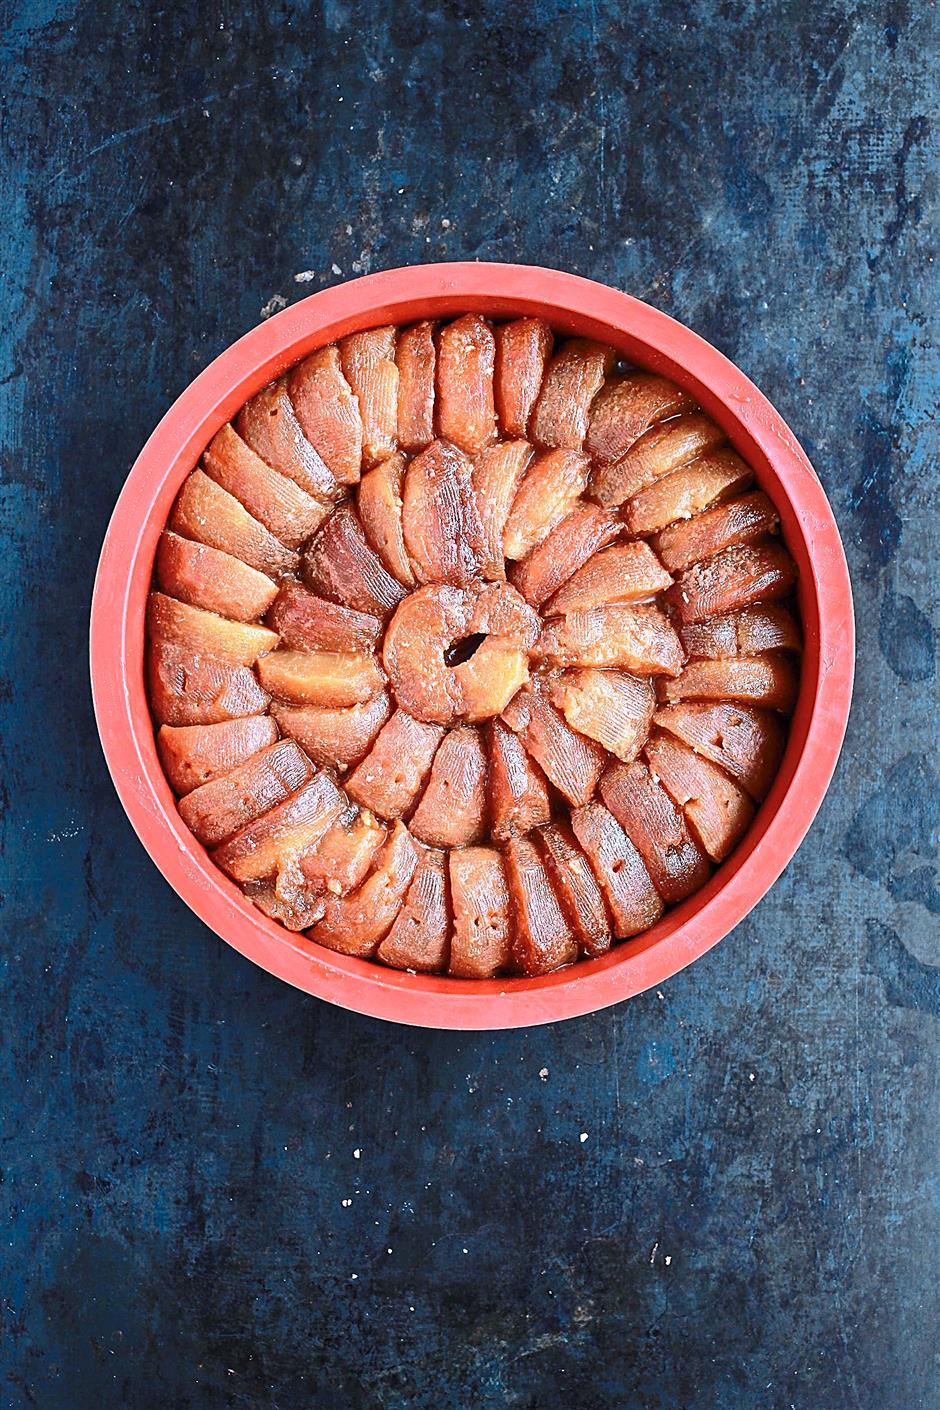 French tarte tatin, upsidedown apple tart. - Art Chen/The Star.  9 OCT 2014. Rep: Julie Wong